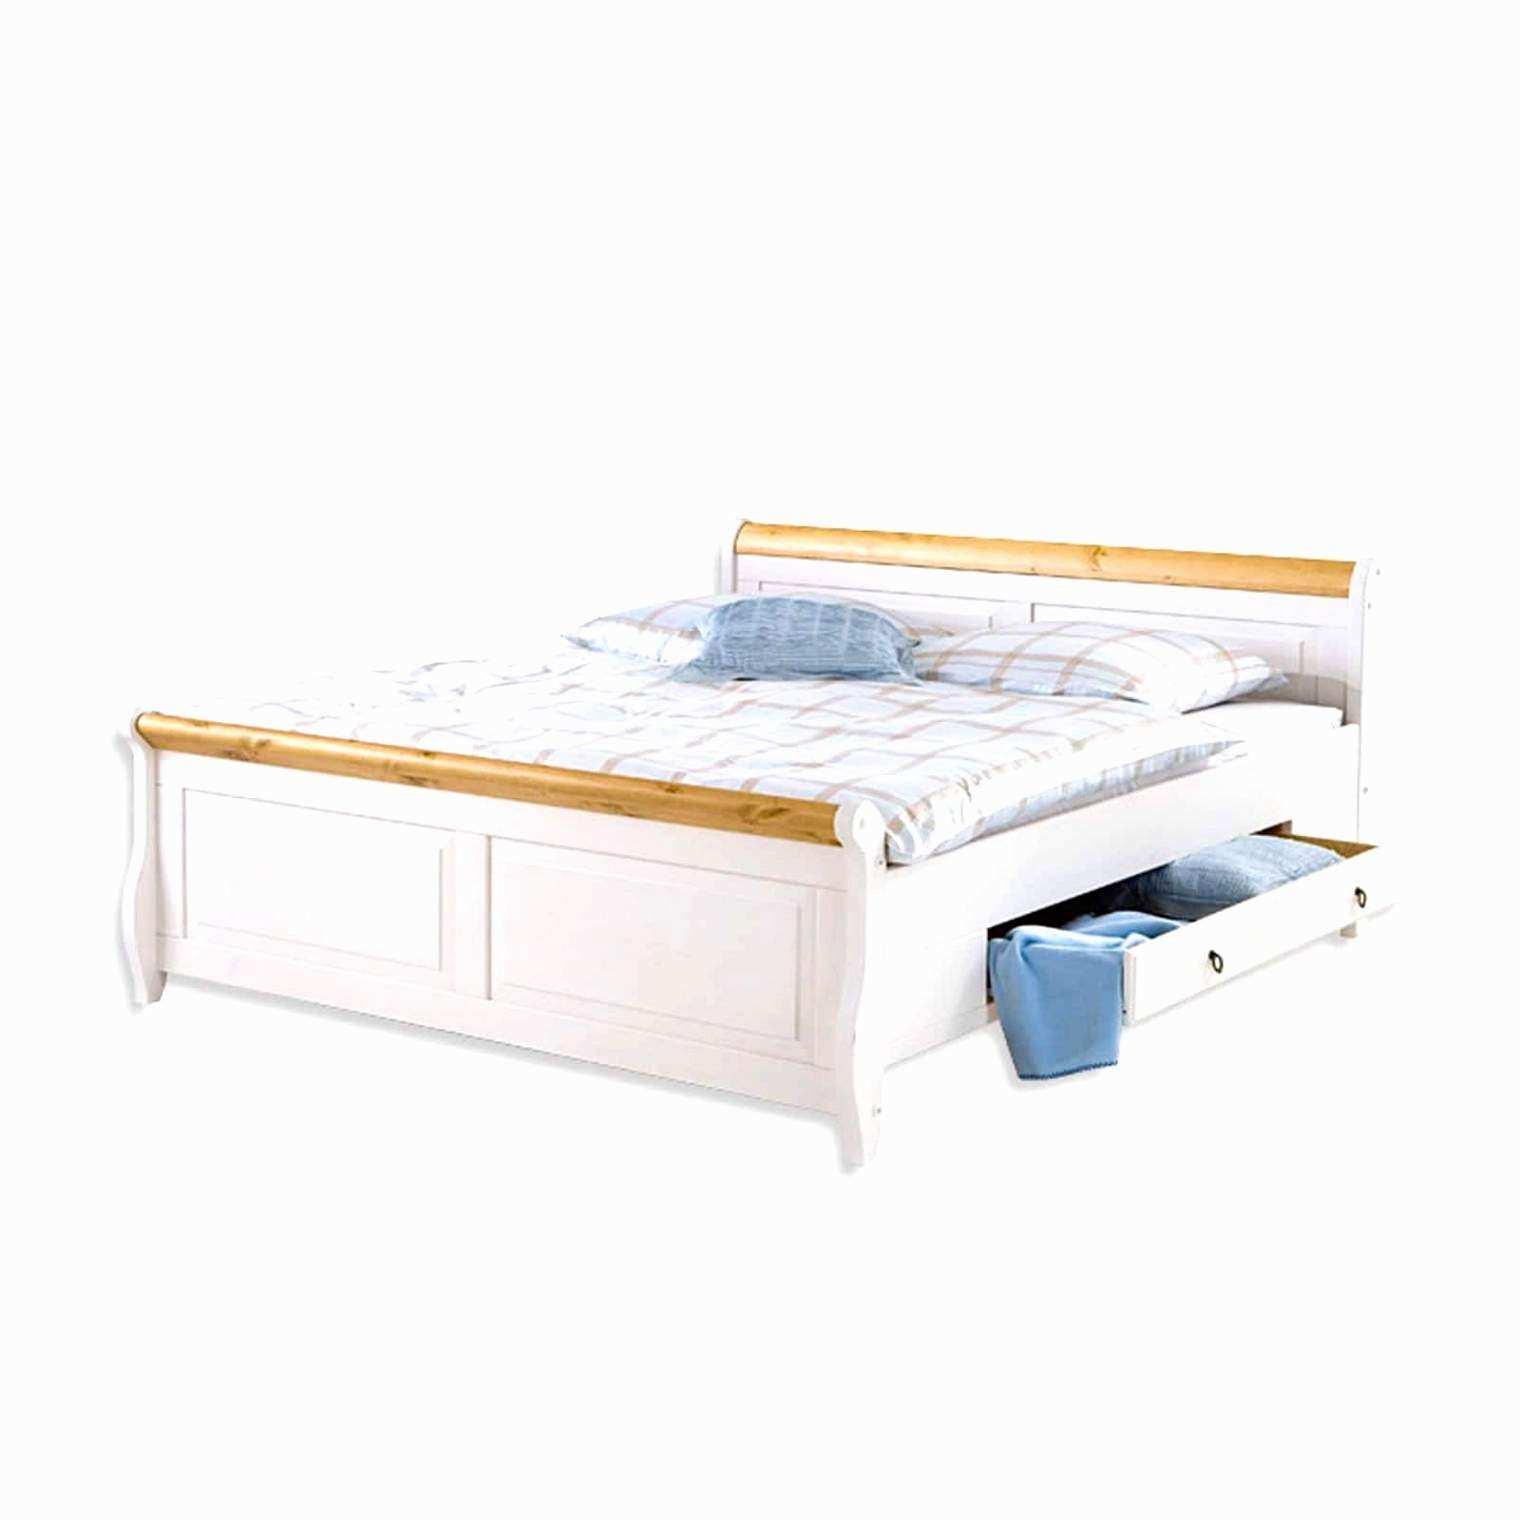 Full Size of Kinderbett Poco Bett 140x200 Schlafzimmer Komplett Big Sofa Betten Küche Wohnzimmer Kinderbett Poco